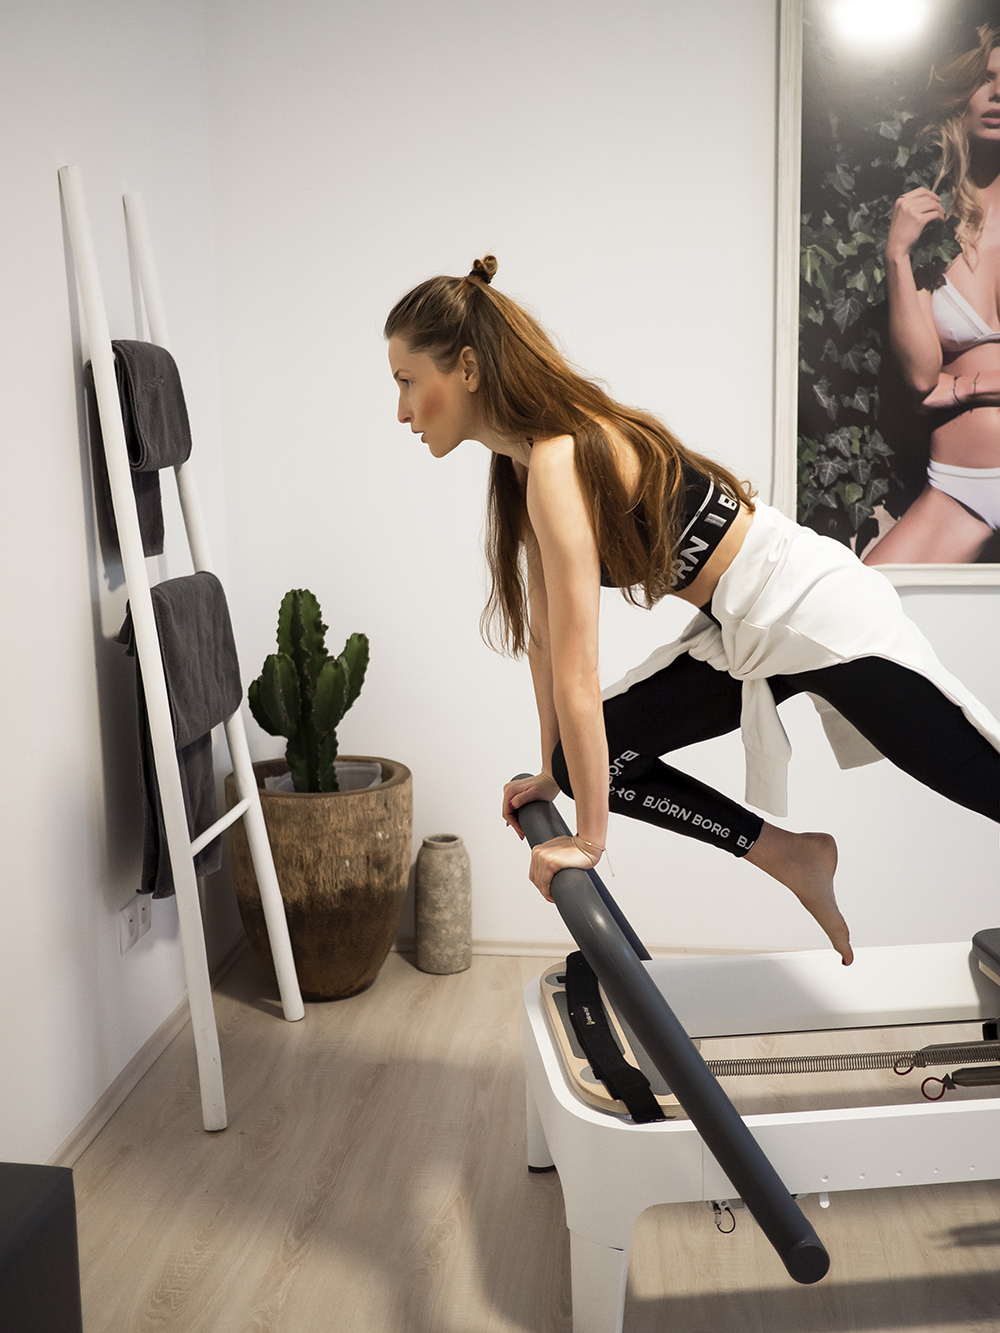 Formovanie tela Pilates stroj